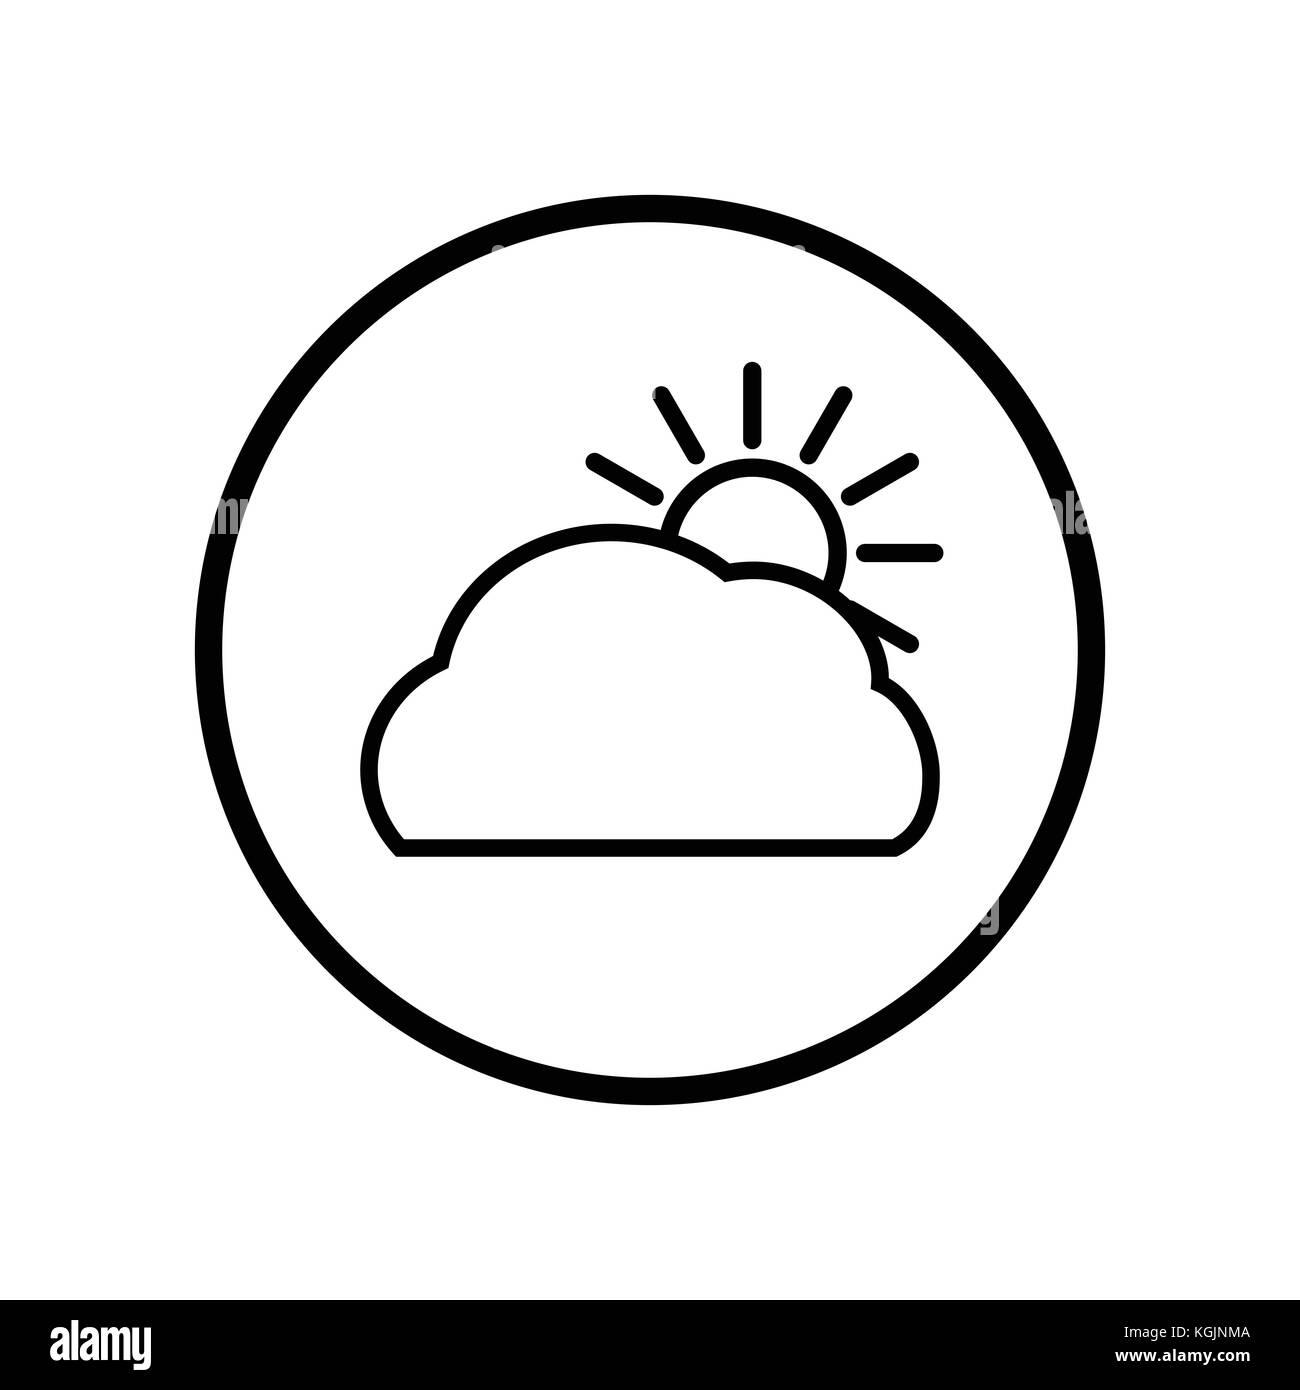 Vecteur de nuage et de soleil dans l'icône de la ligne du cercle, symbole iconique dans un cercle, sur fond blanc, pour signer météo concept. vector design iconique. Illustration de Vecteur